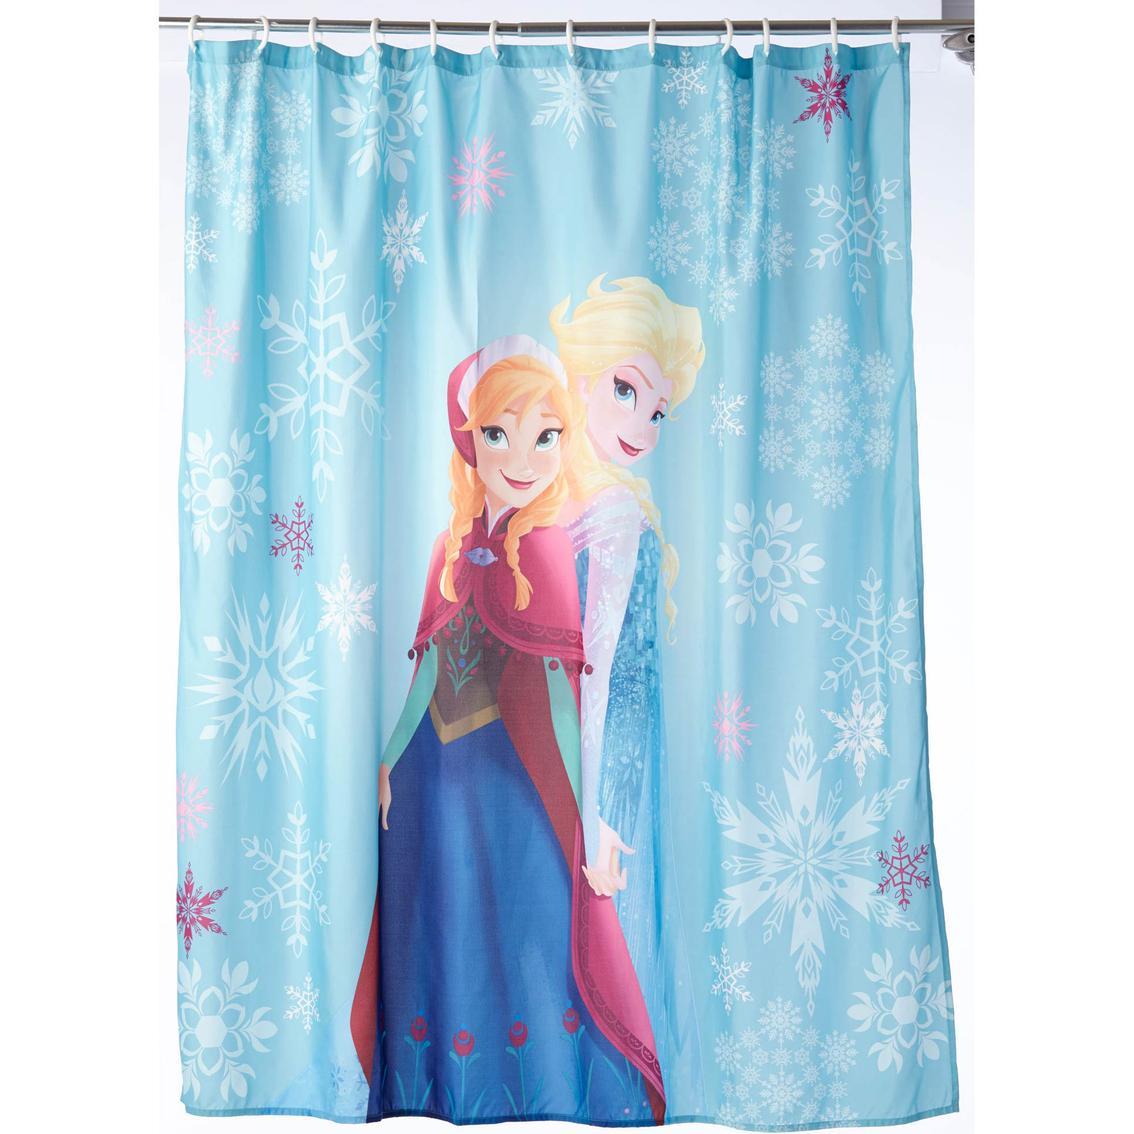 Disney Frozen Shower Curtain